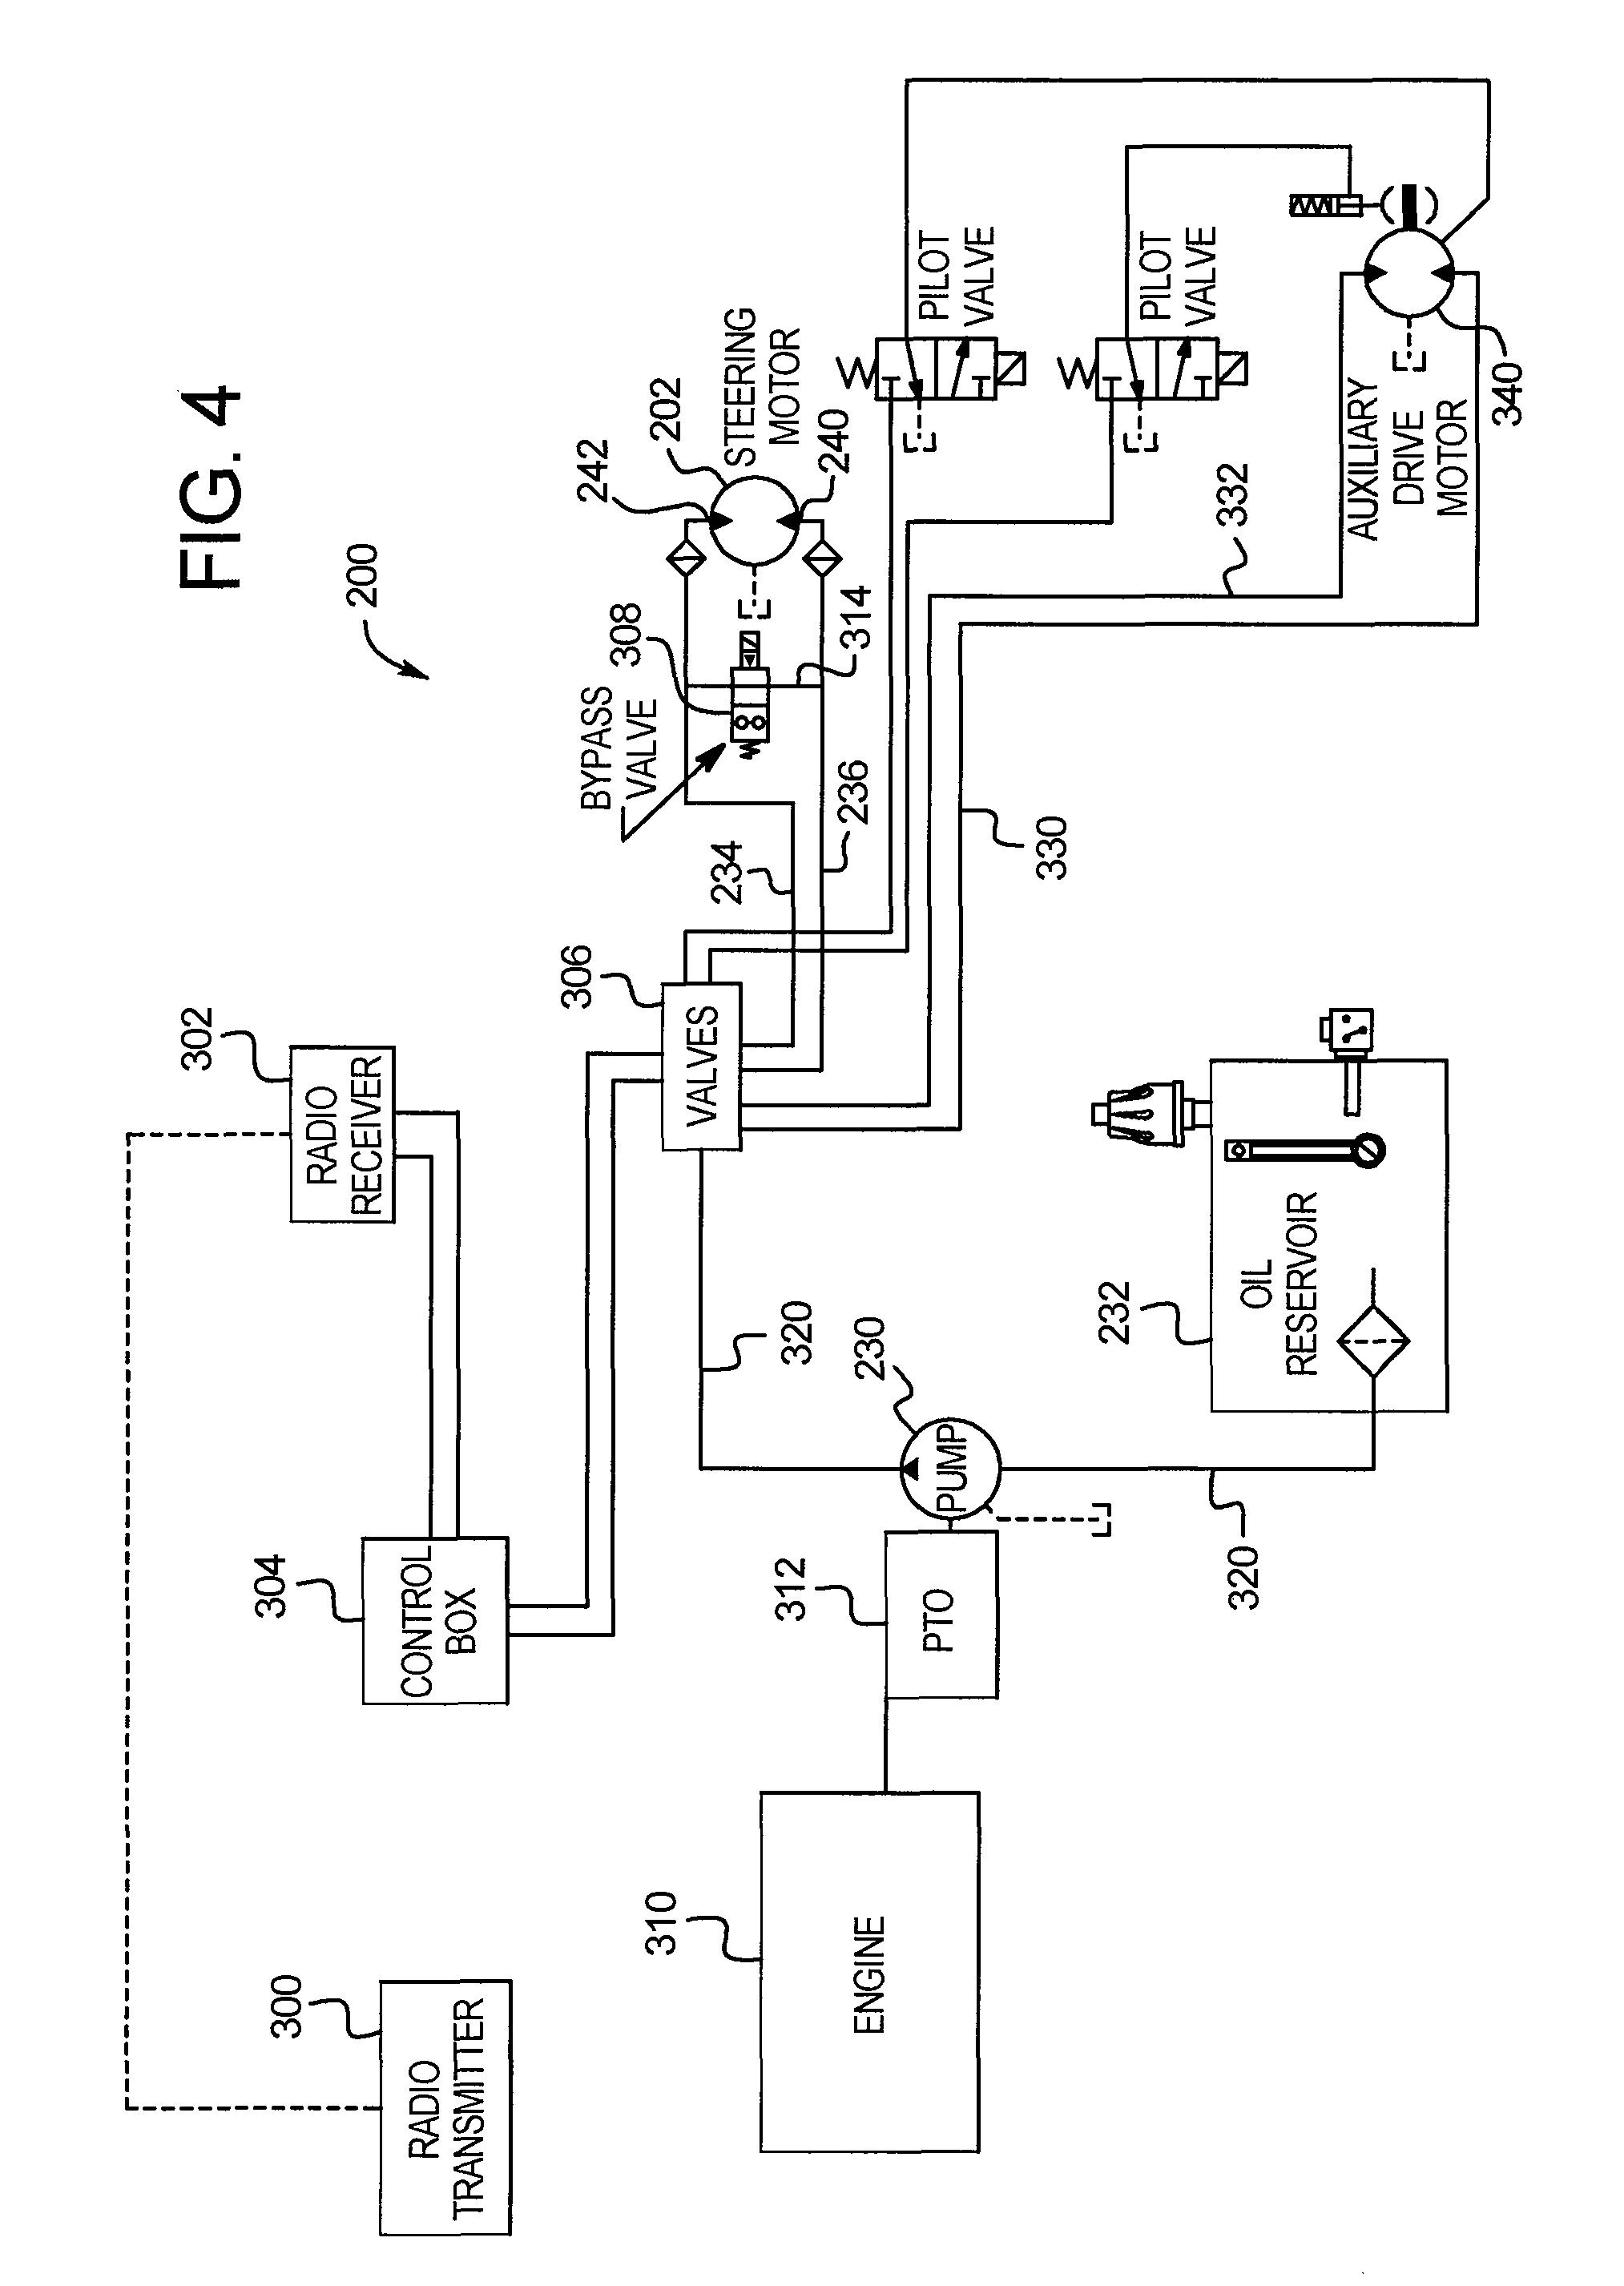 tags: #kenworth w900 brake diagram#1996 kenworth w900 air heater control  diagram#kenworth t800 heater fan wiring diagram#kenworth w900 wiring diagram#1984